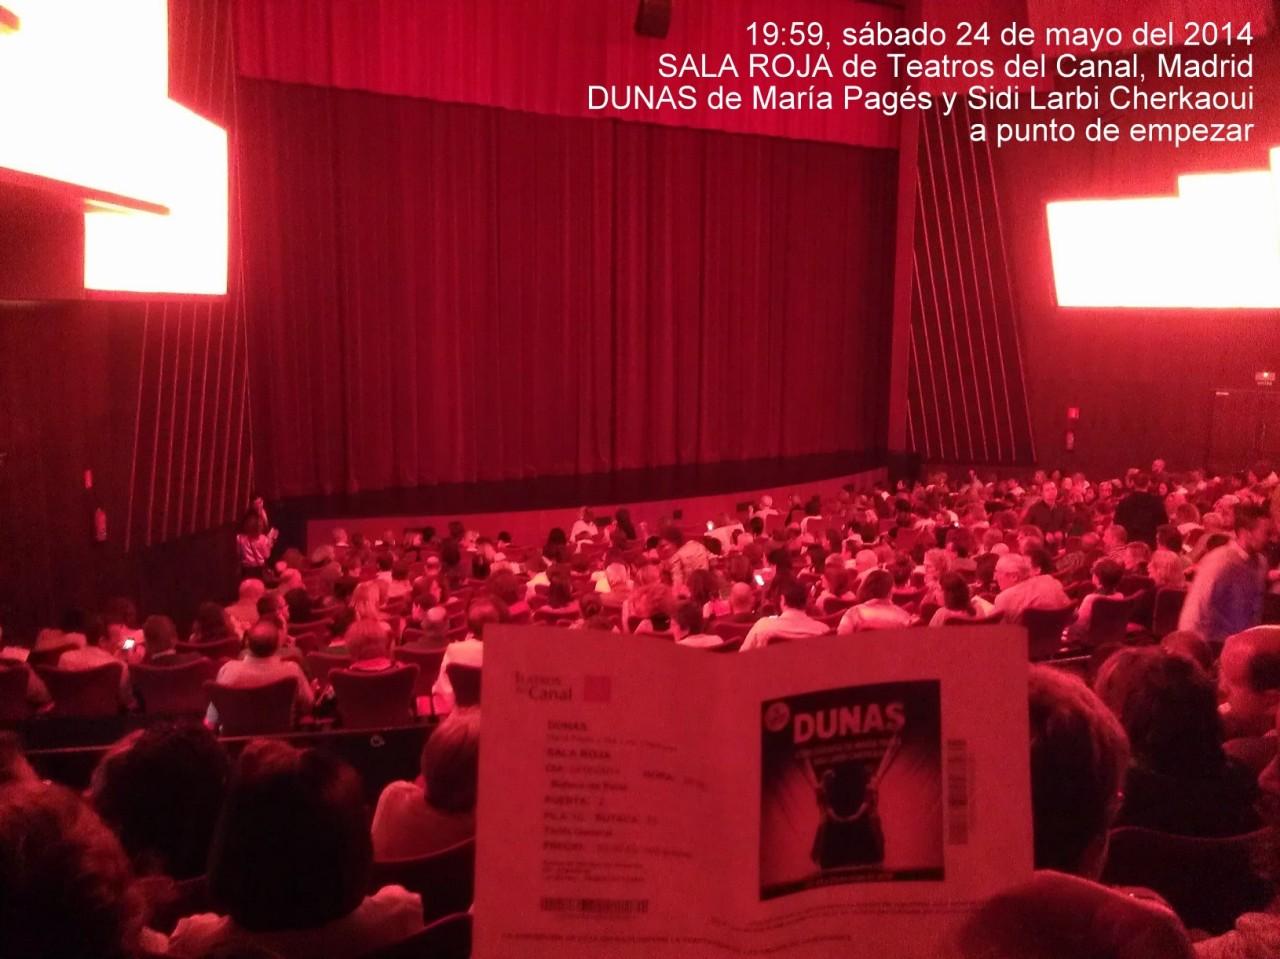 Dicho y hecho, un grupo de 5 vimos DUNAS de María Pagés y Sidi Larbi Cherkaoui en un Teatros del Canal lleno mientras en Lisboa había una final;-)